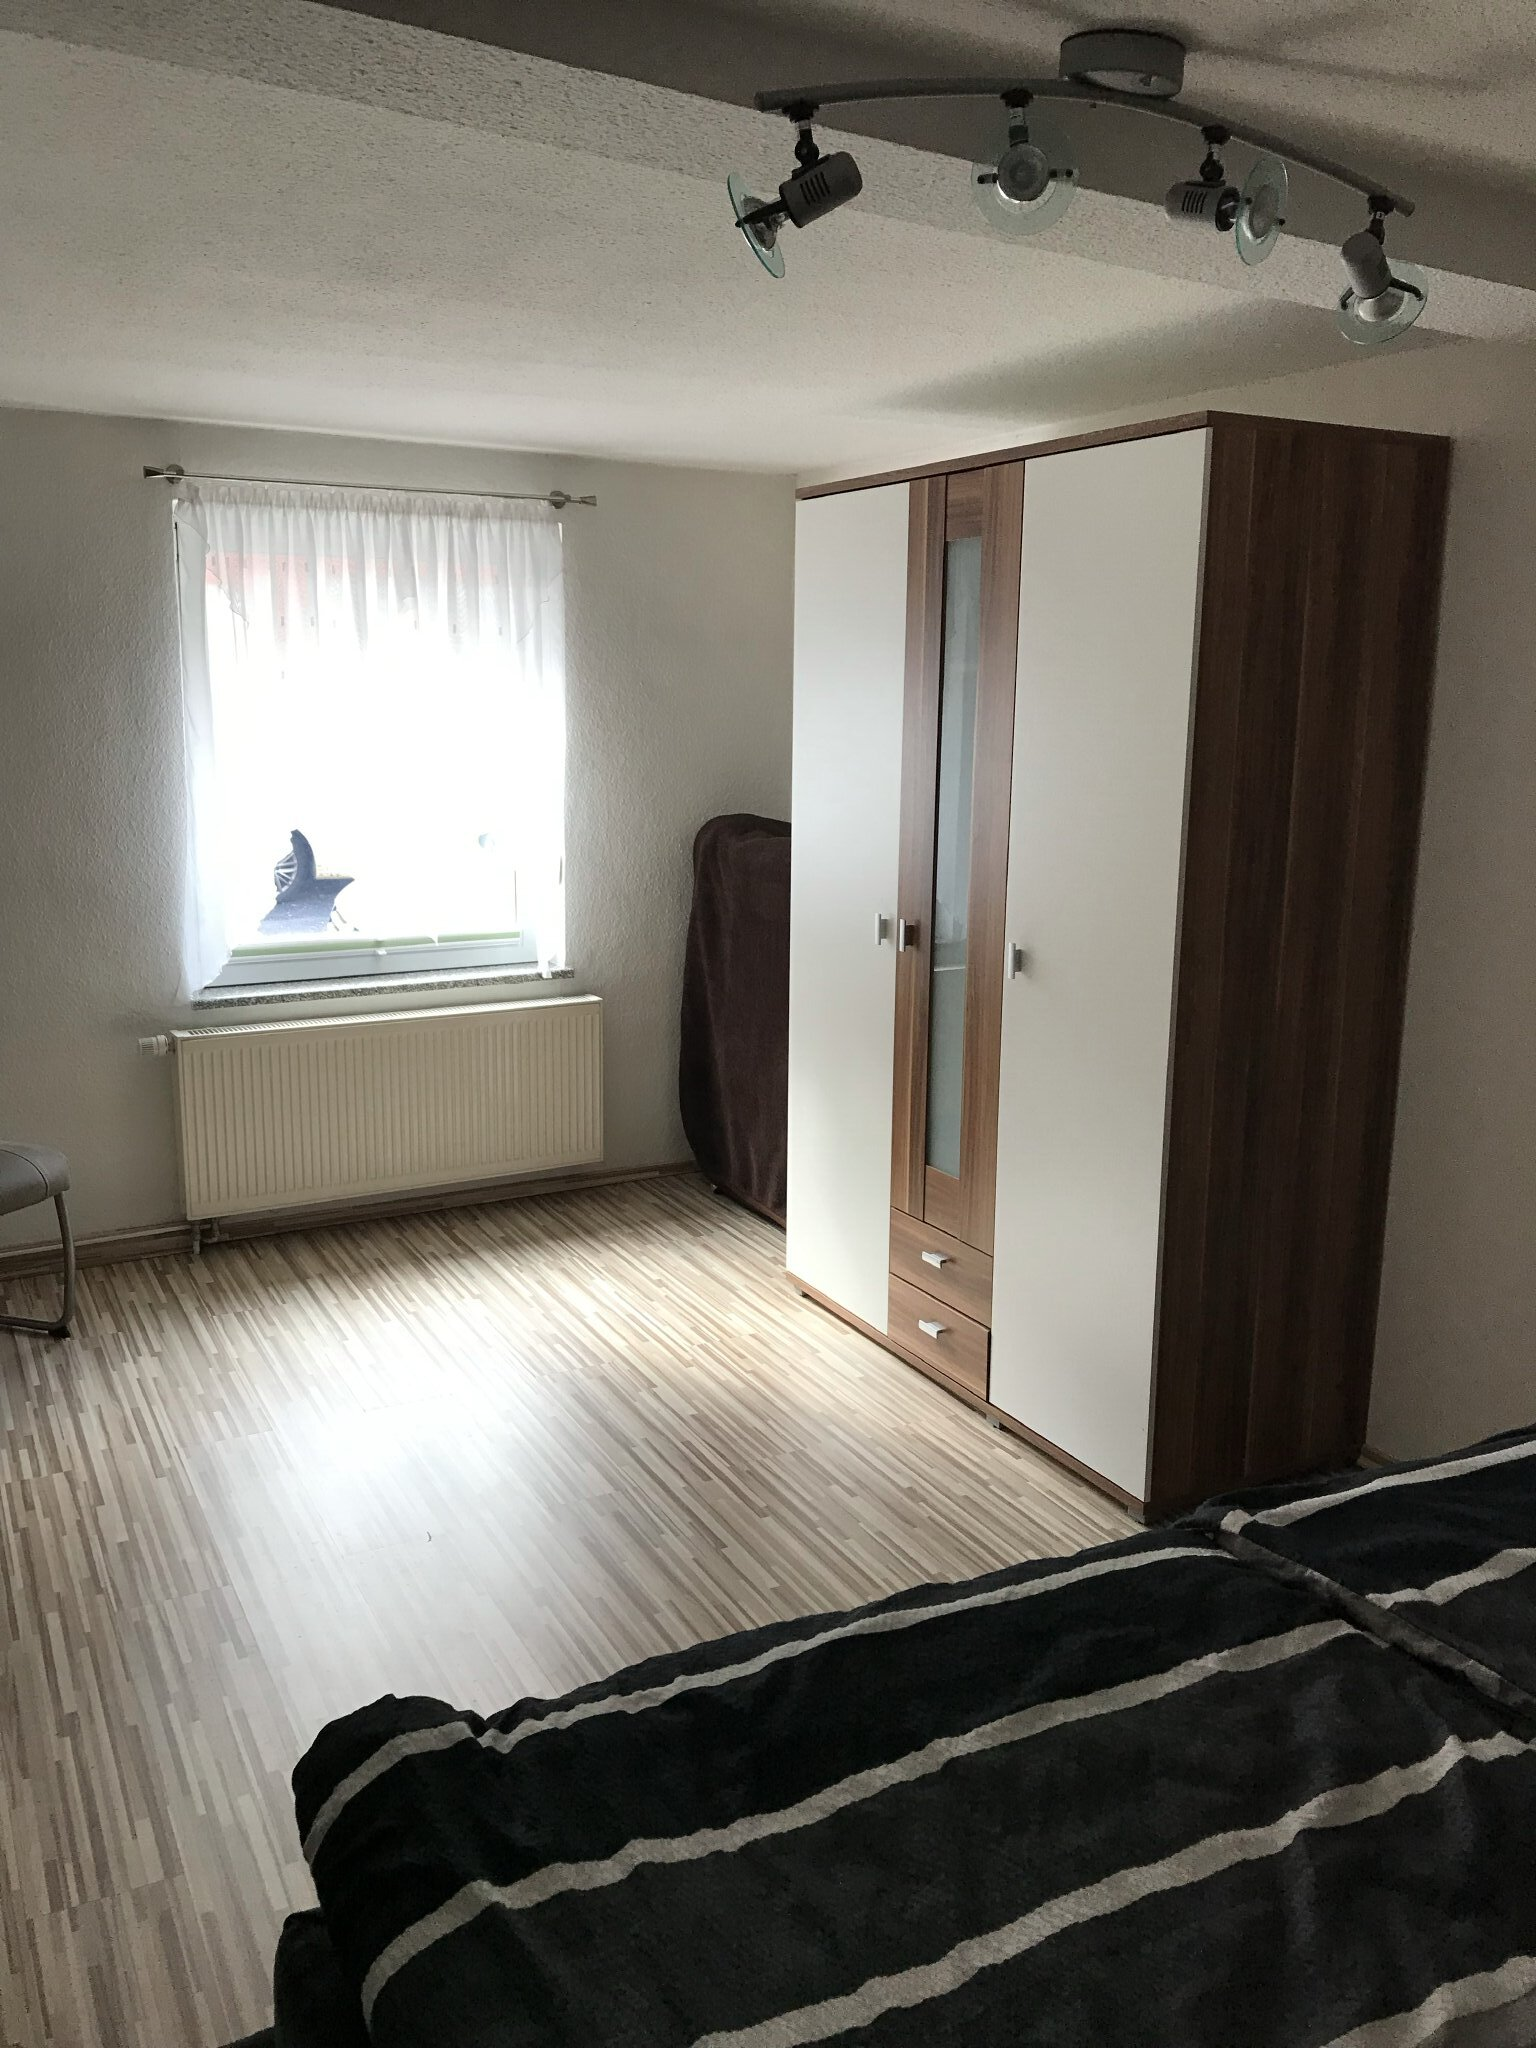 Schlafzimmer - Doppelbett (180x200)